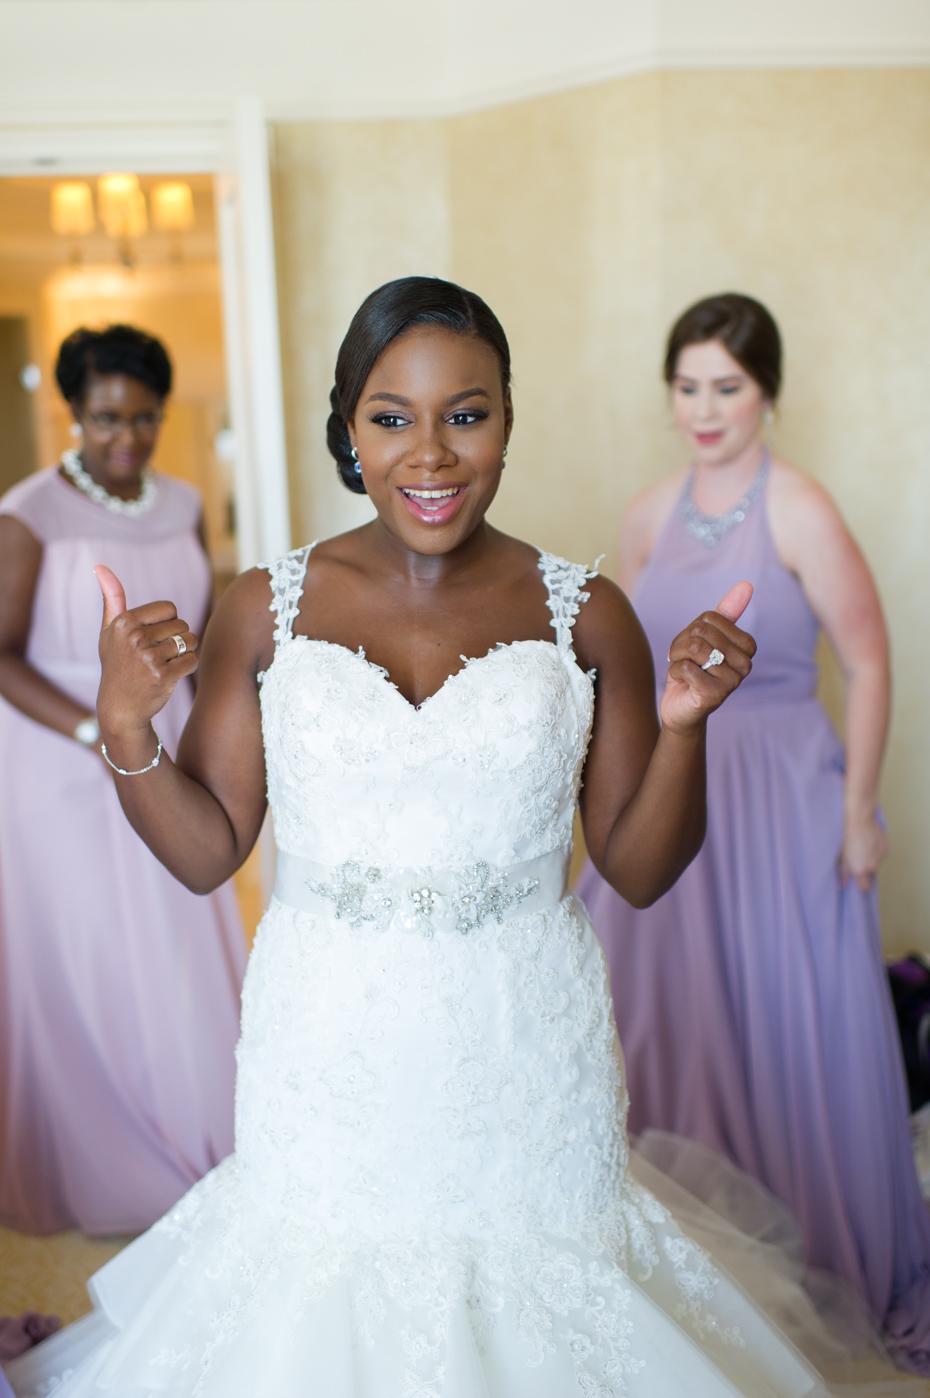 Bride getting dressed in St. Regis bridal suite